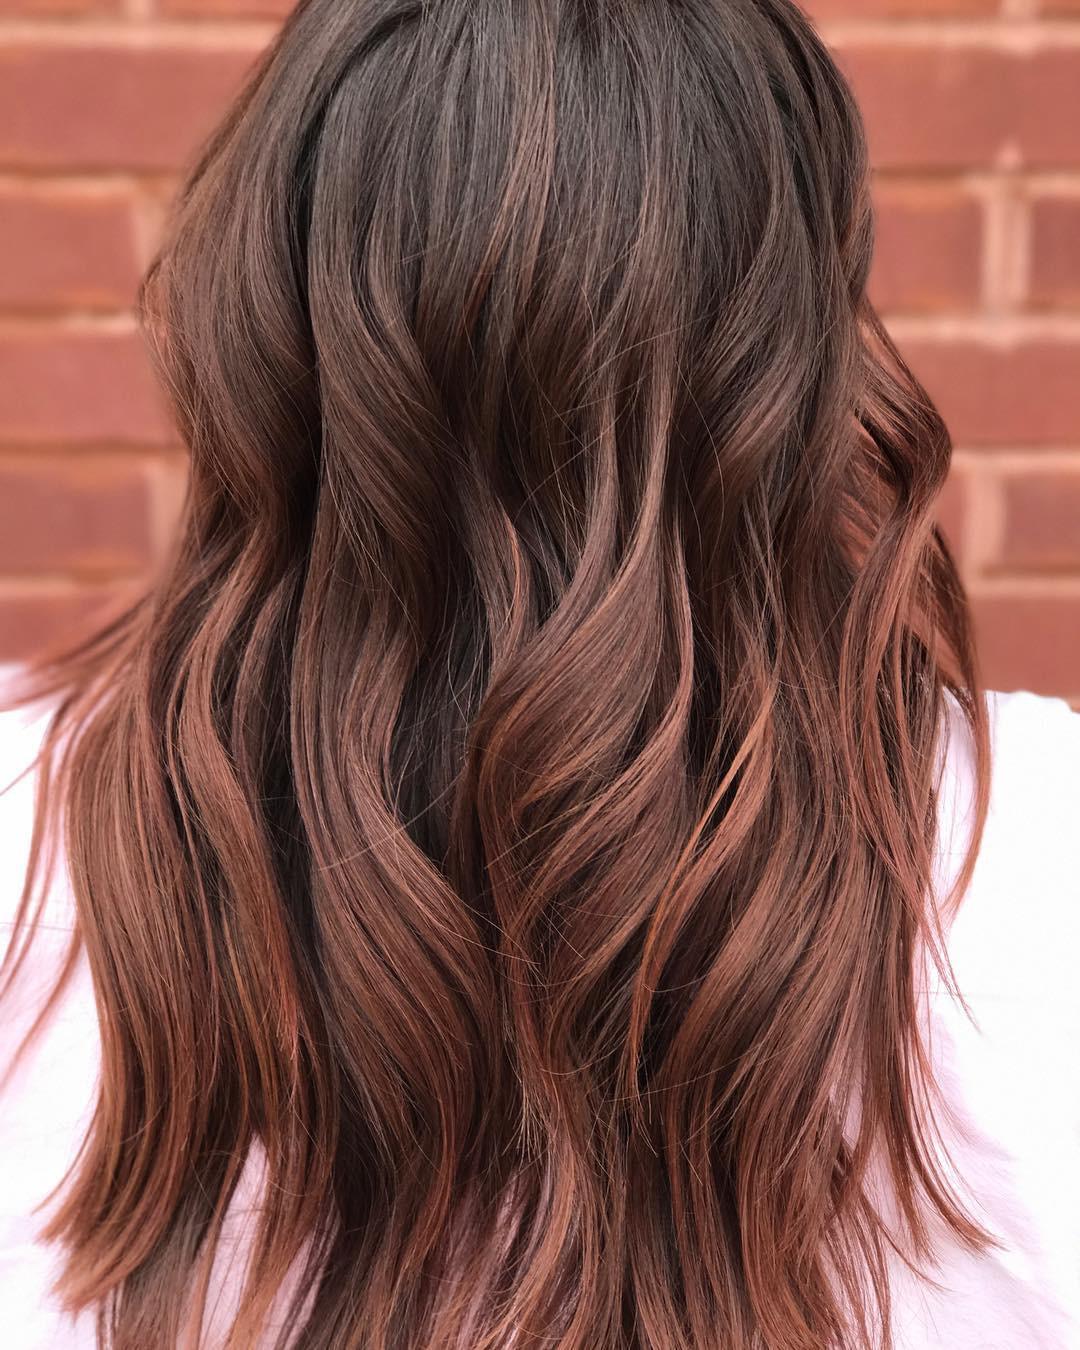 Cuối cùng cũng có một màu nhuộm đẹp long lanh mà con gái châu Á tóc đen có thể đu theo: màu nhuộm nâu hoa hồng - Ảnh 3.